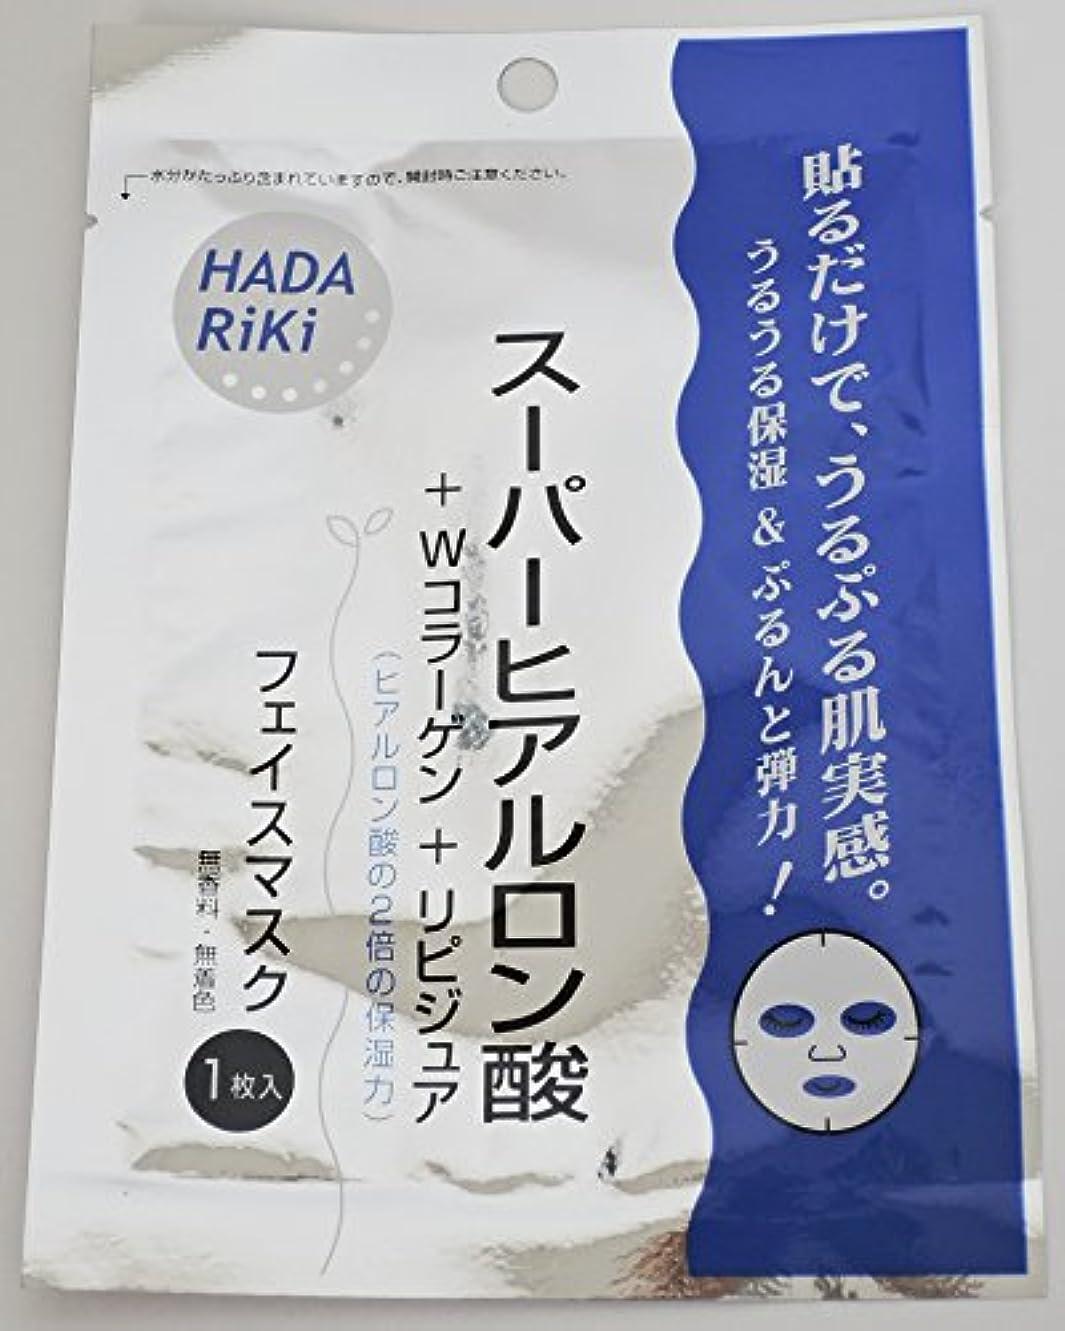 分数汚す知覚的HADA RiKi スーパーヒアルロン酸+Wコラーゲン+リピジュア フェイスマスク 20ml